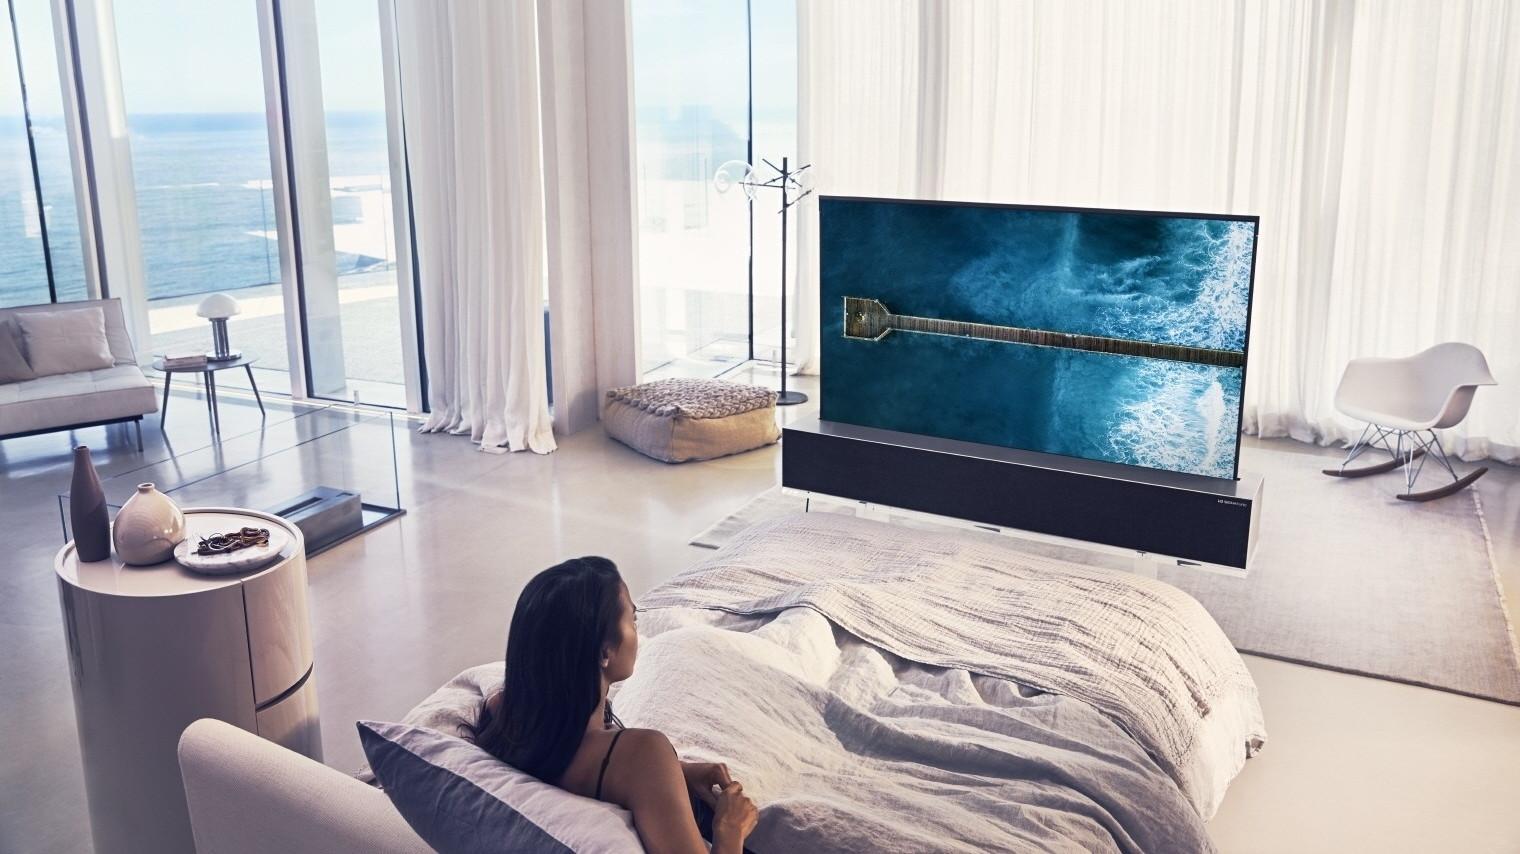 Apple: Nicht alle AirPlay-Fernseher mit HomeKit-Support